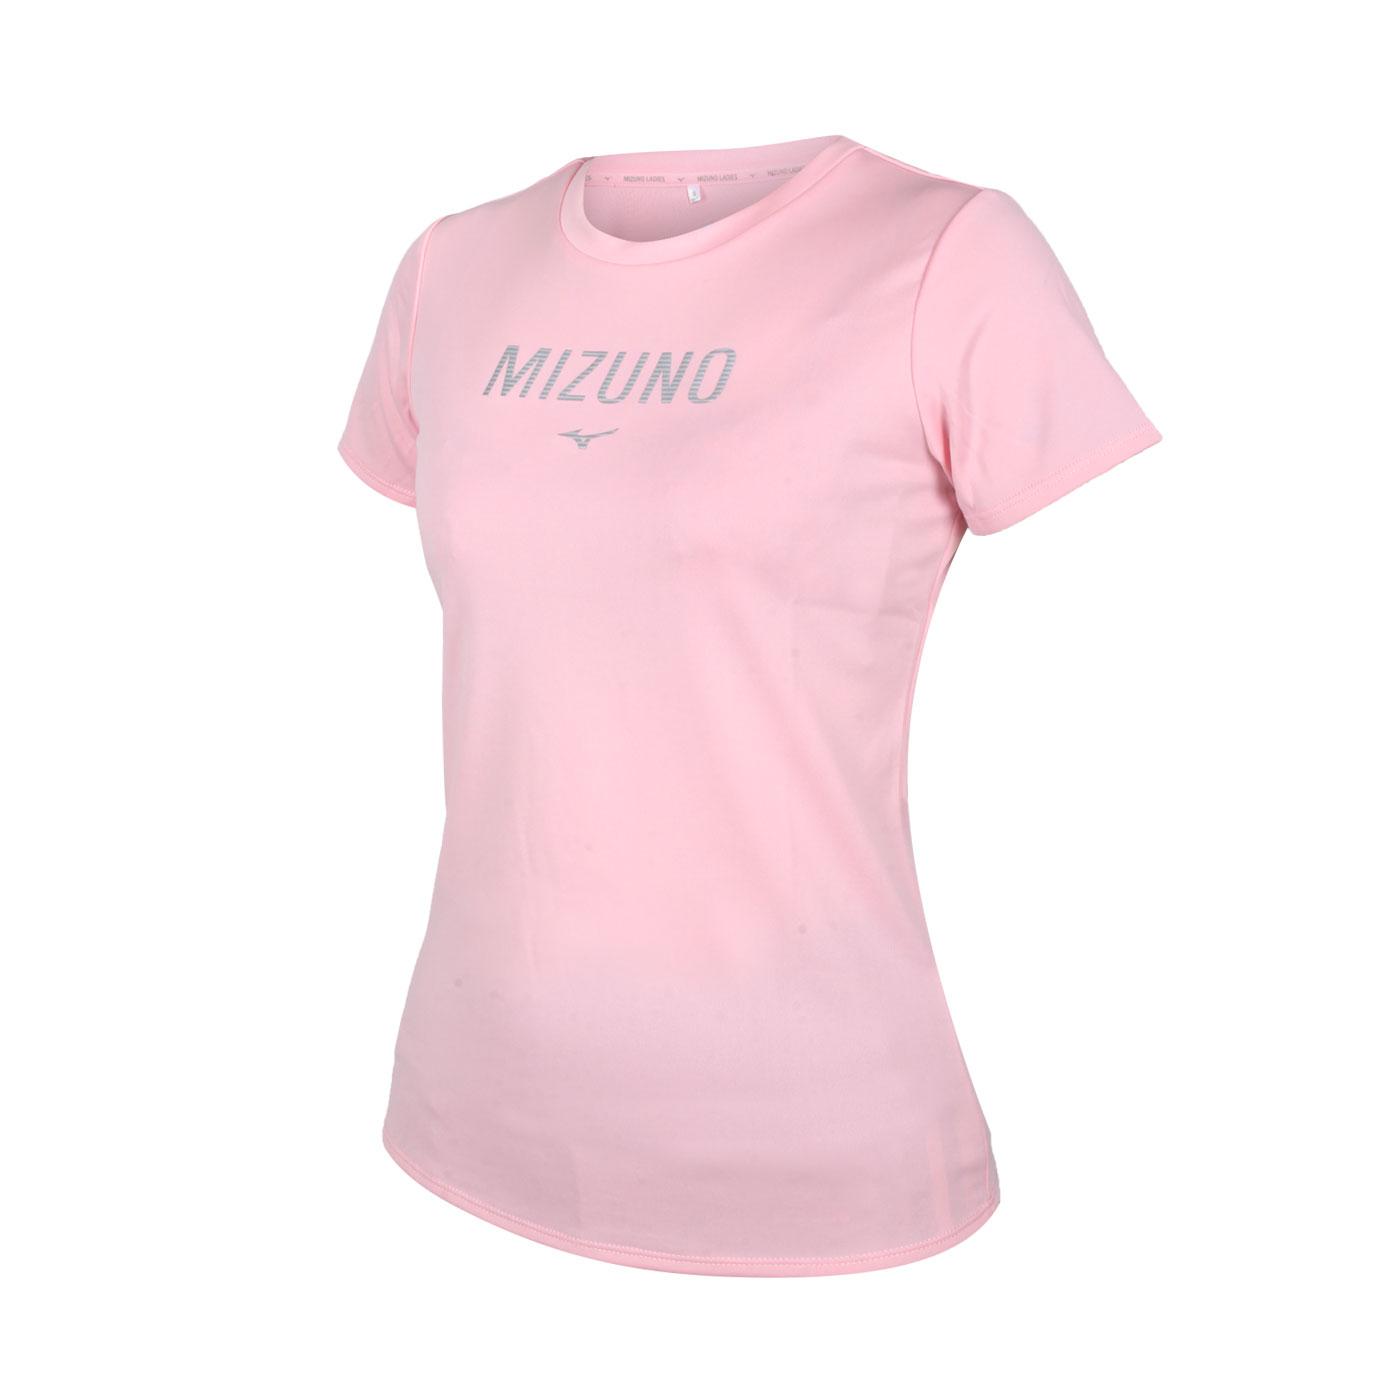 MIZUNO 女款短袖T恤 32TA120166 - 粉紅銀